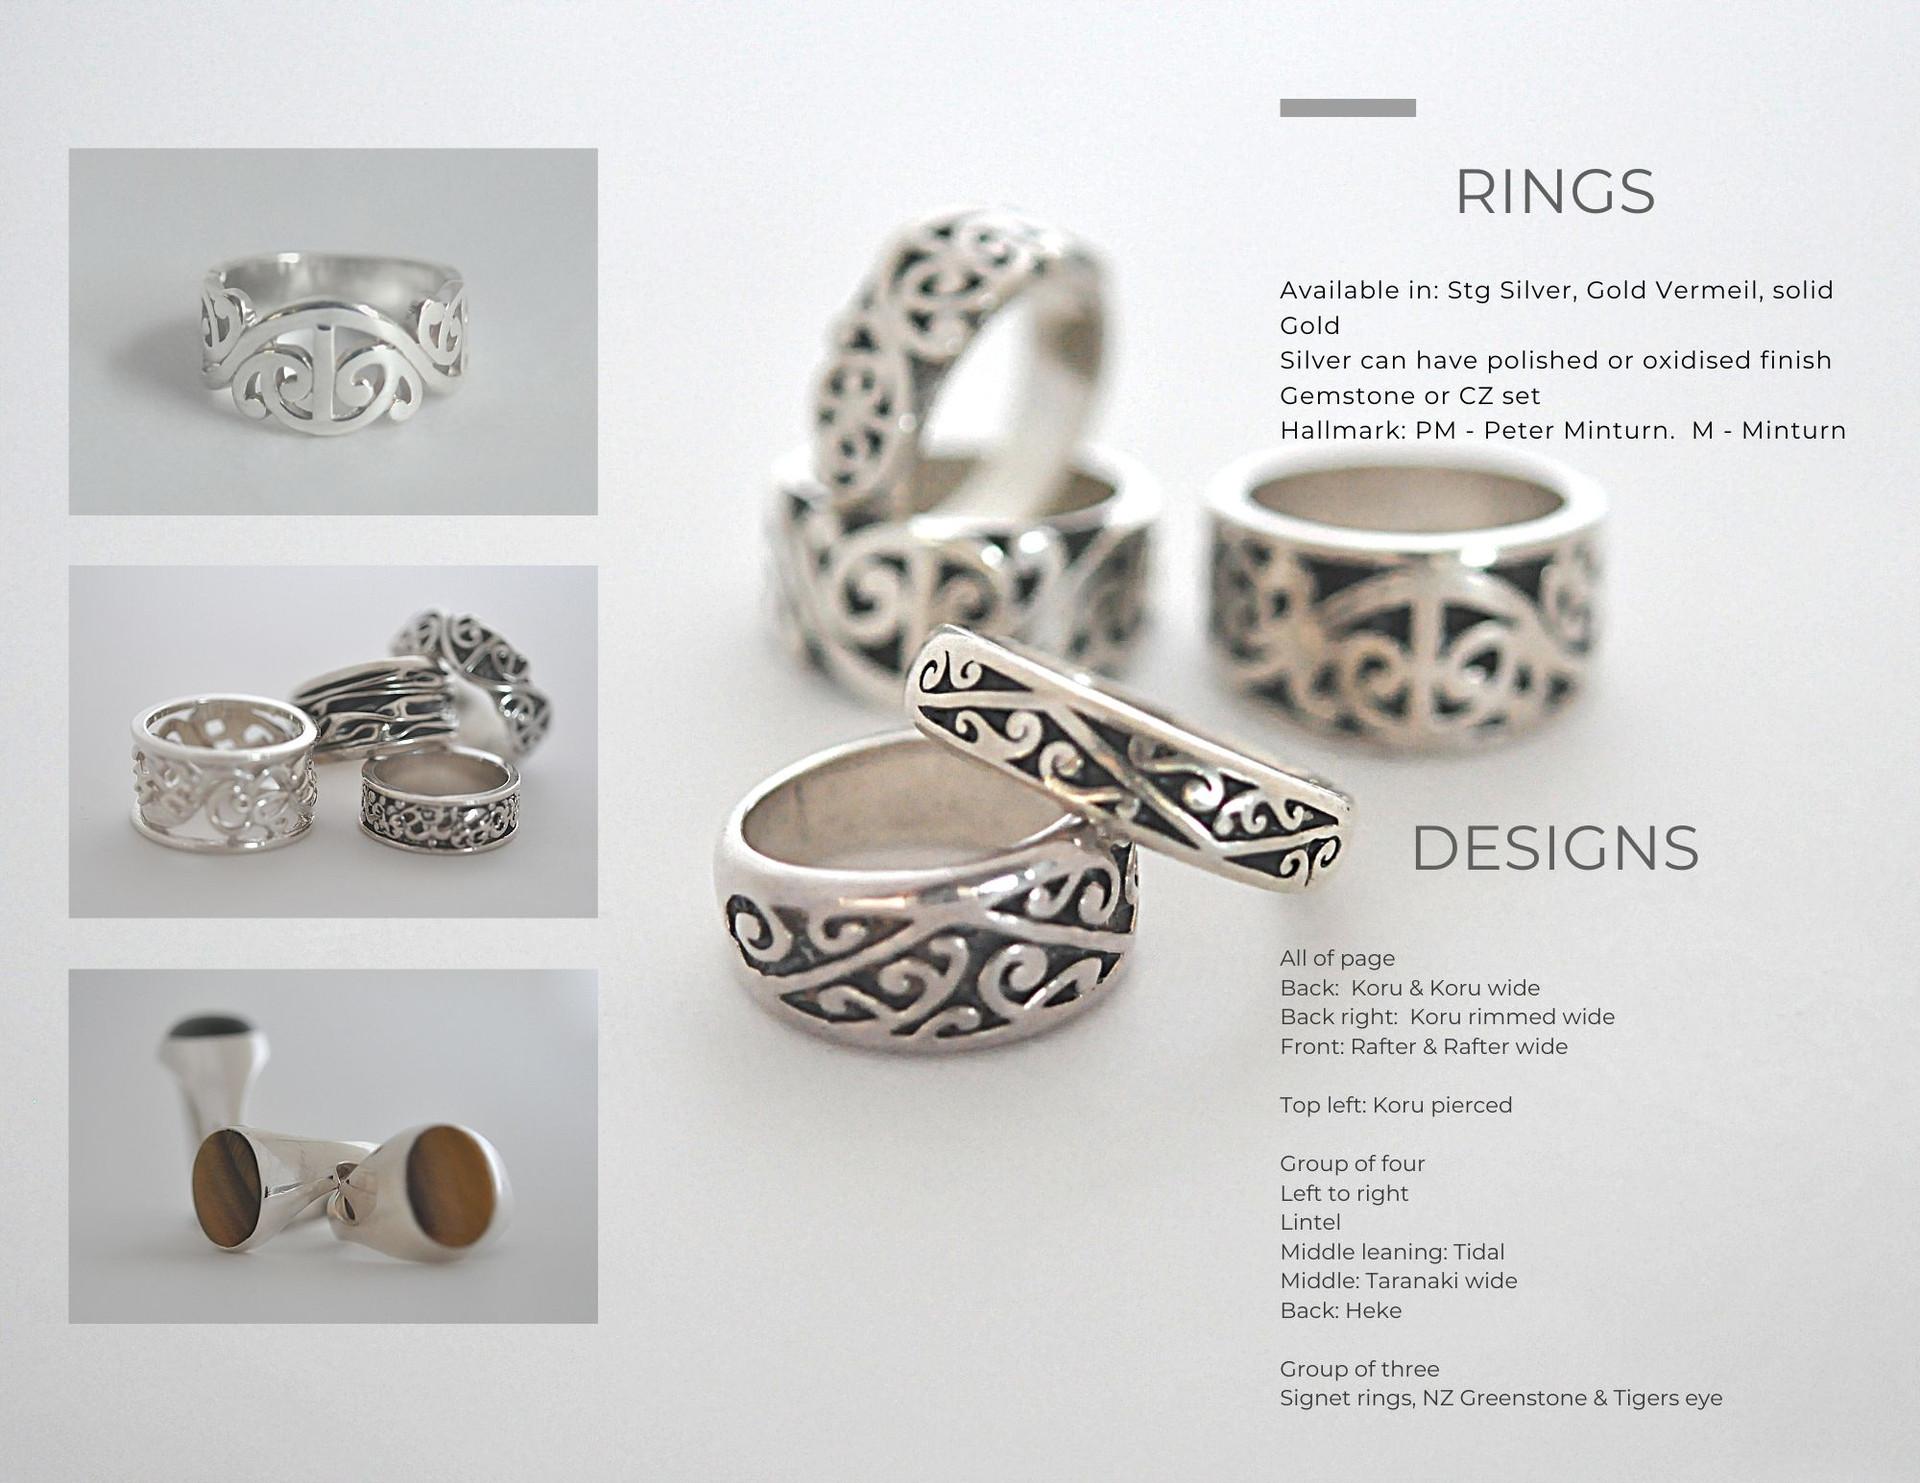 Koru Designs